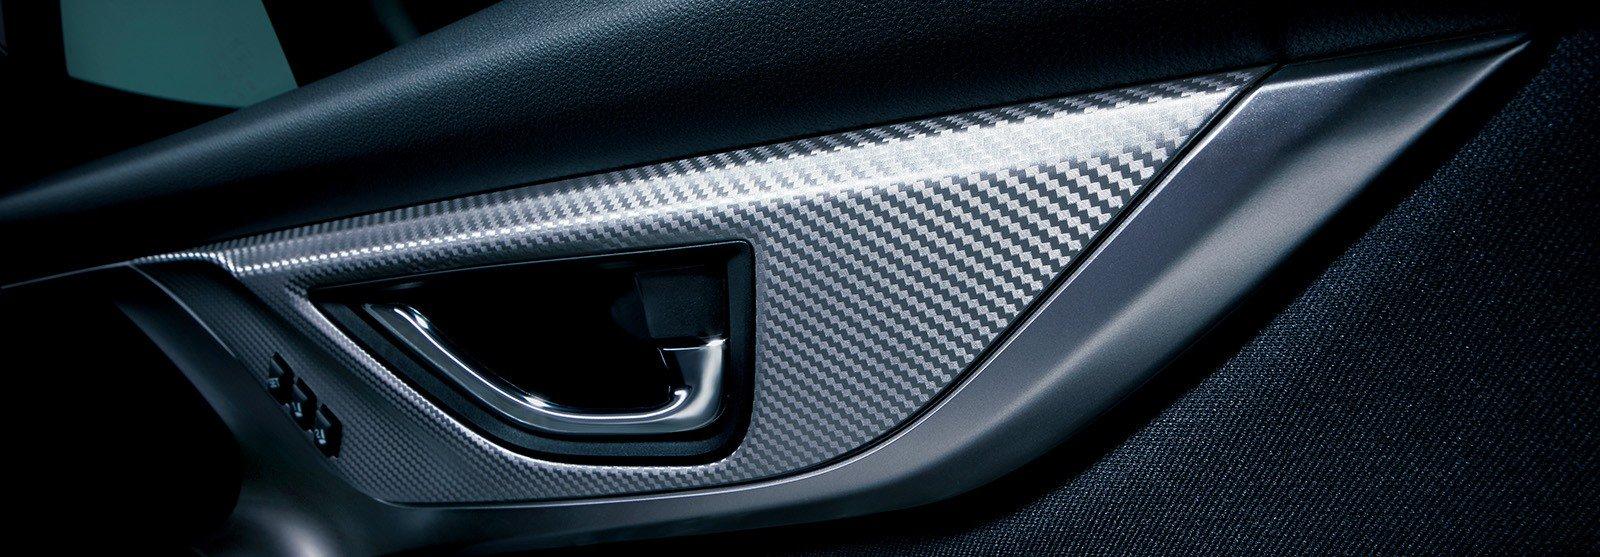 Subaru-Impreza-facelift-10